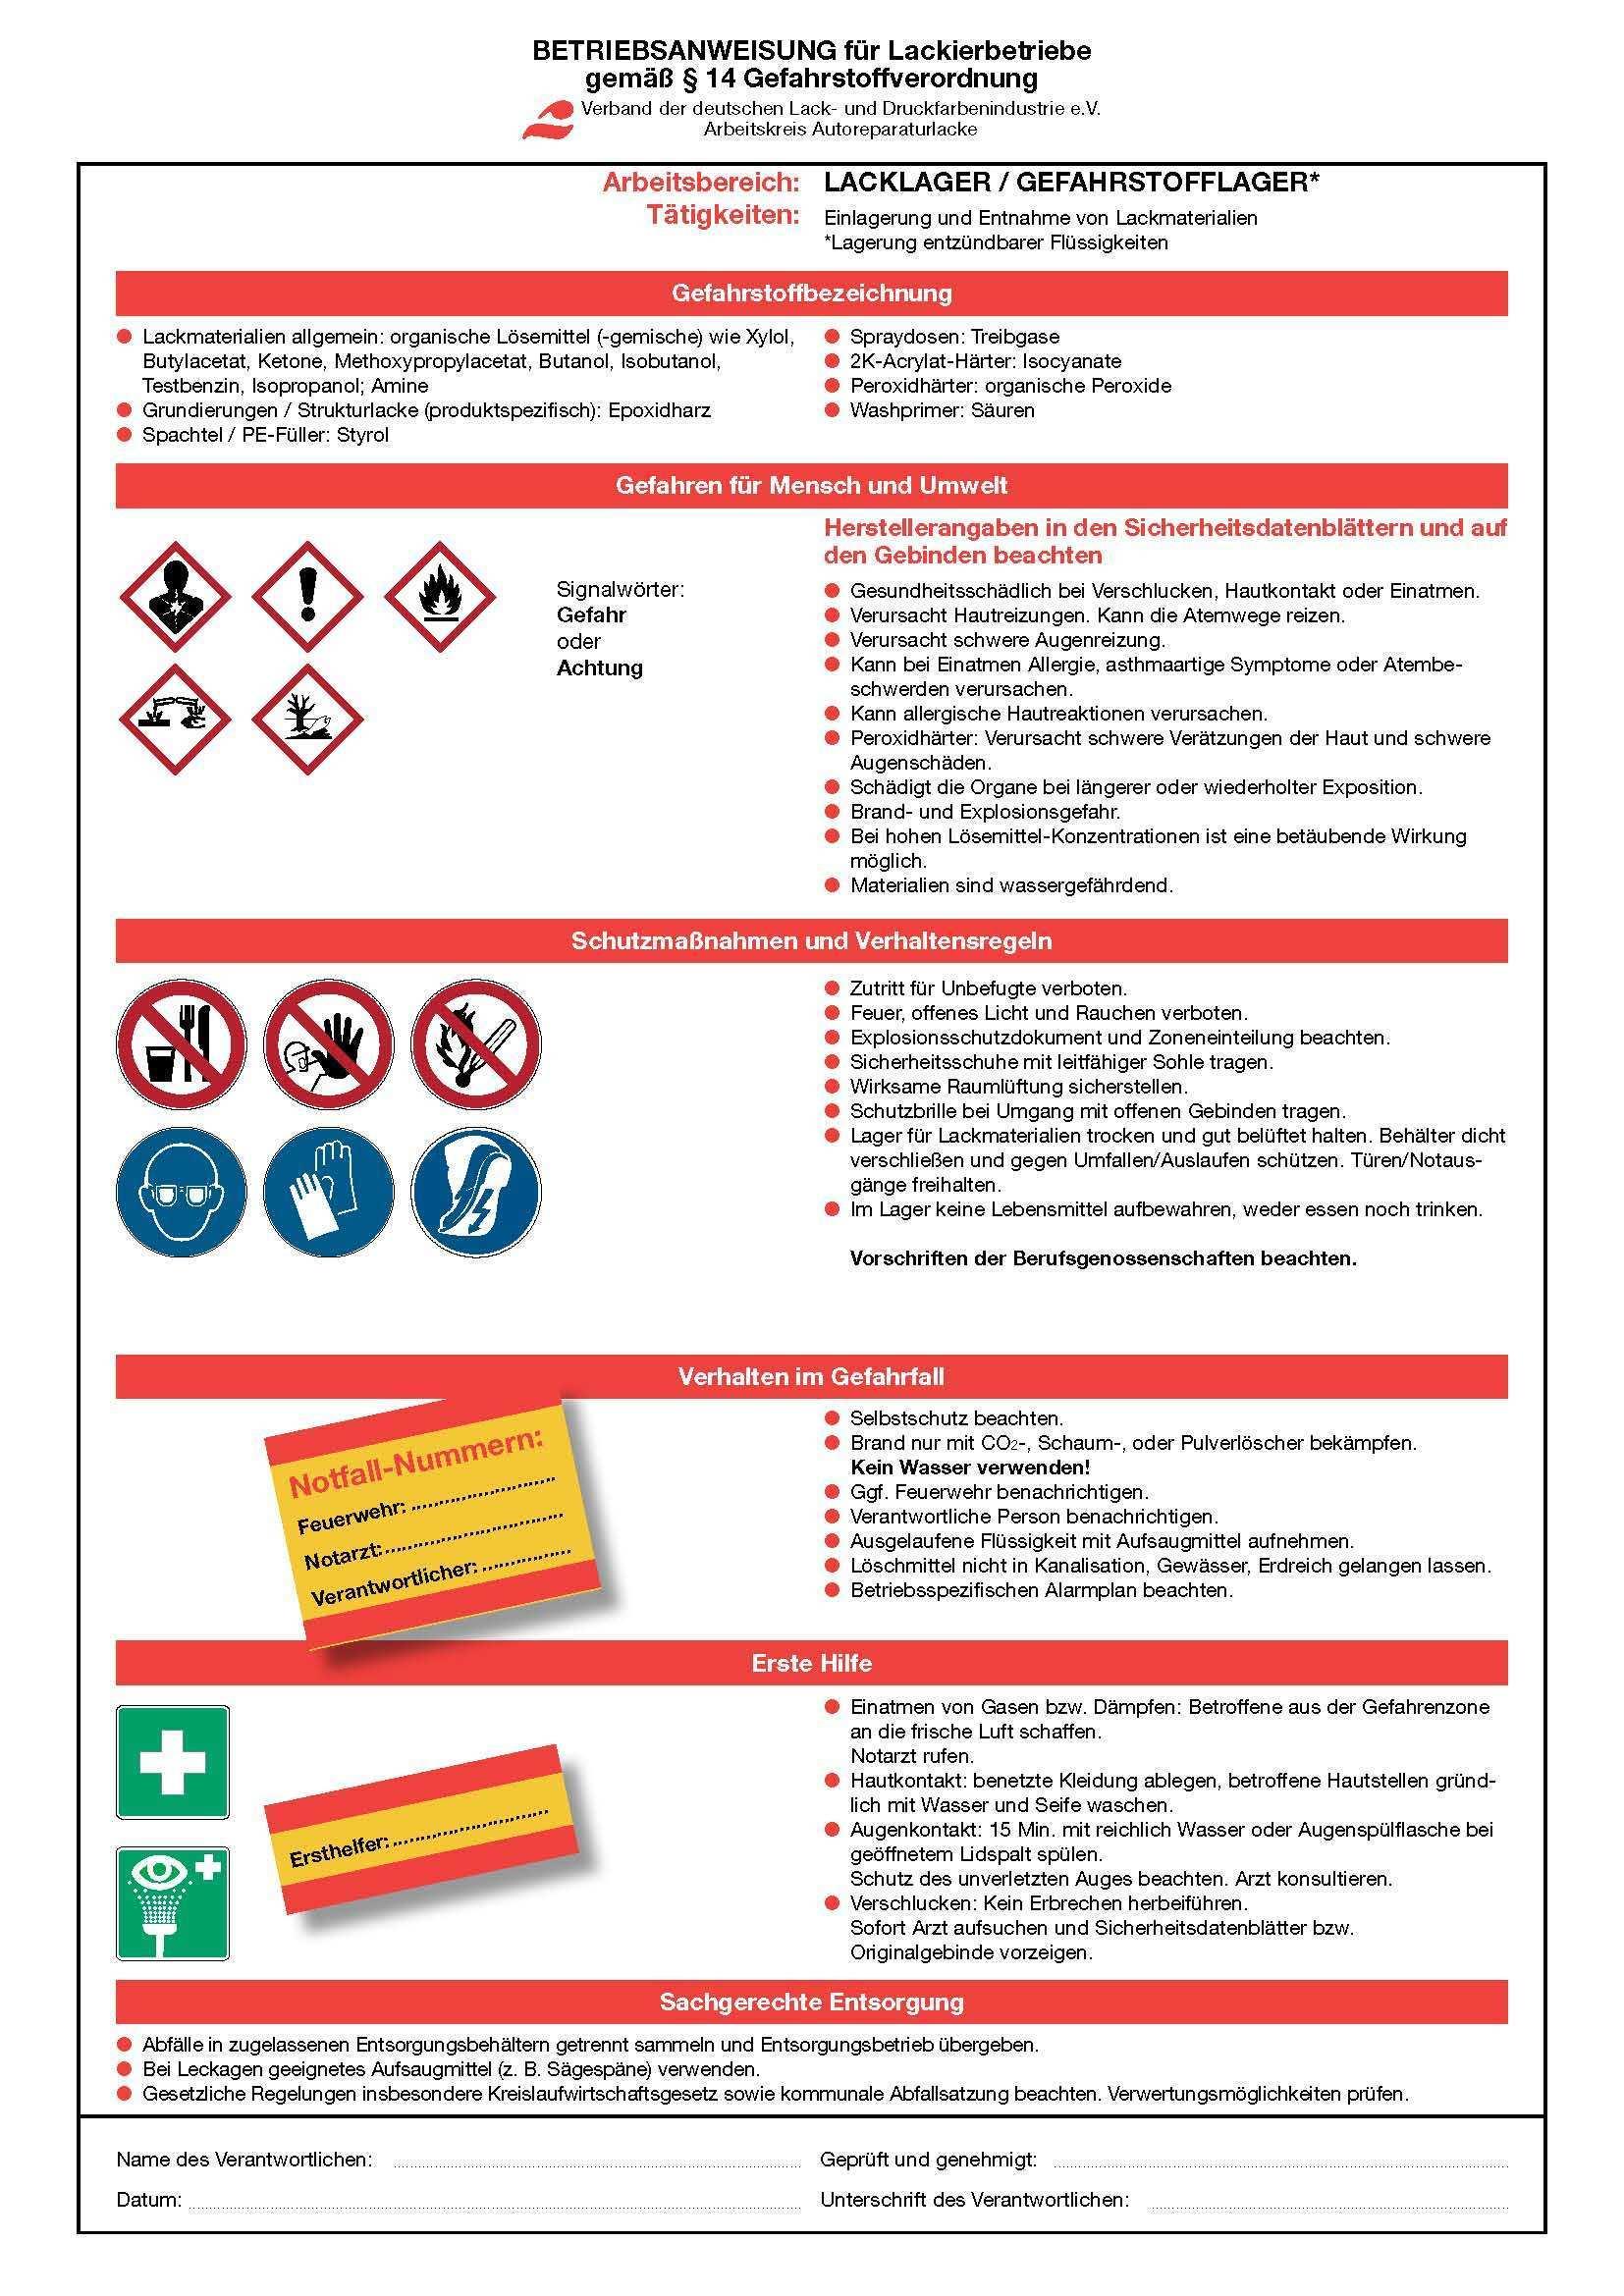 Betriebsanweisungen Fur Lackierbetriebe Gemass 14 Gefahrstoffverordnung Bundesverband Farbe